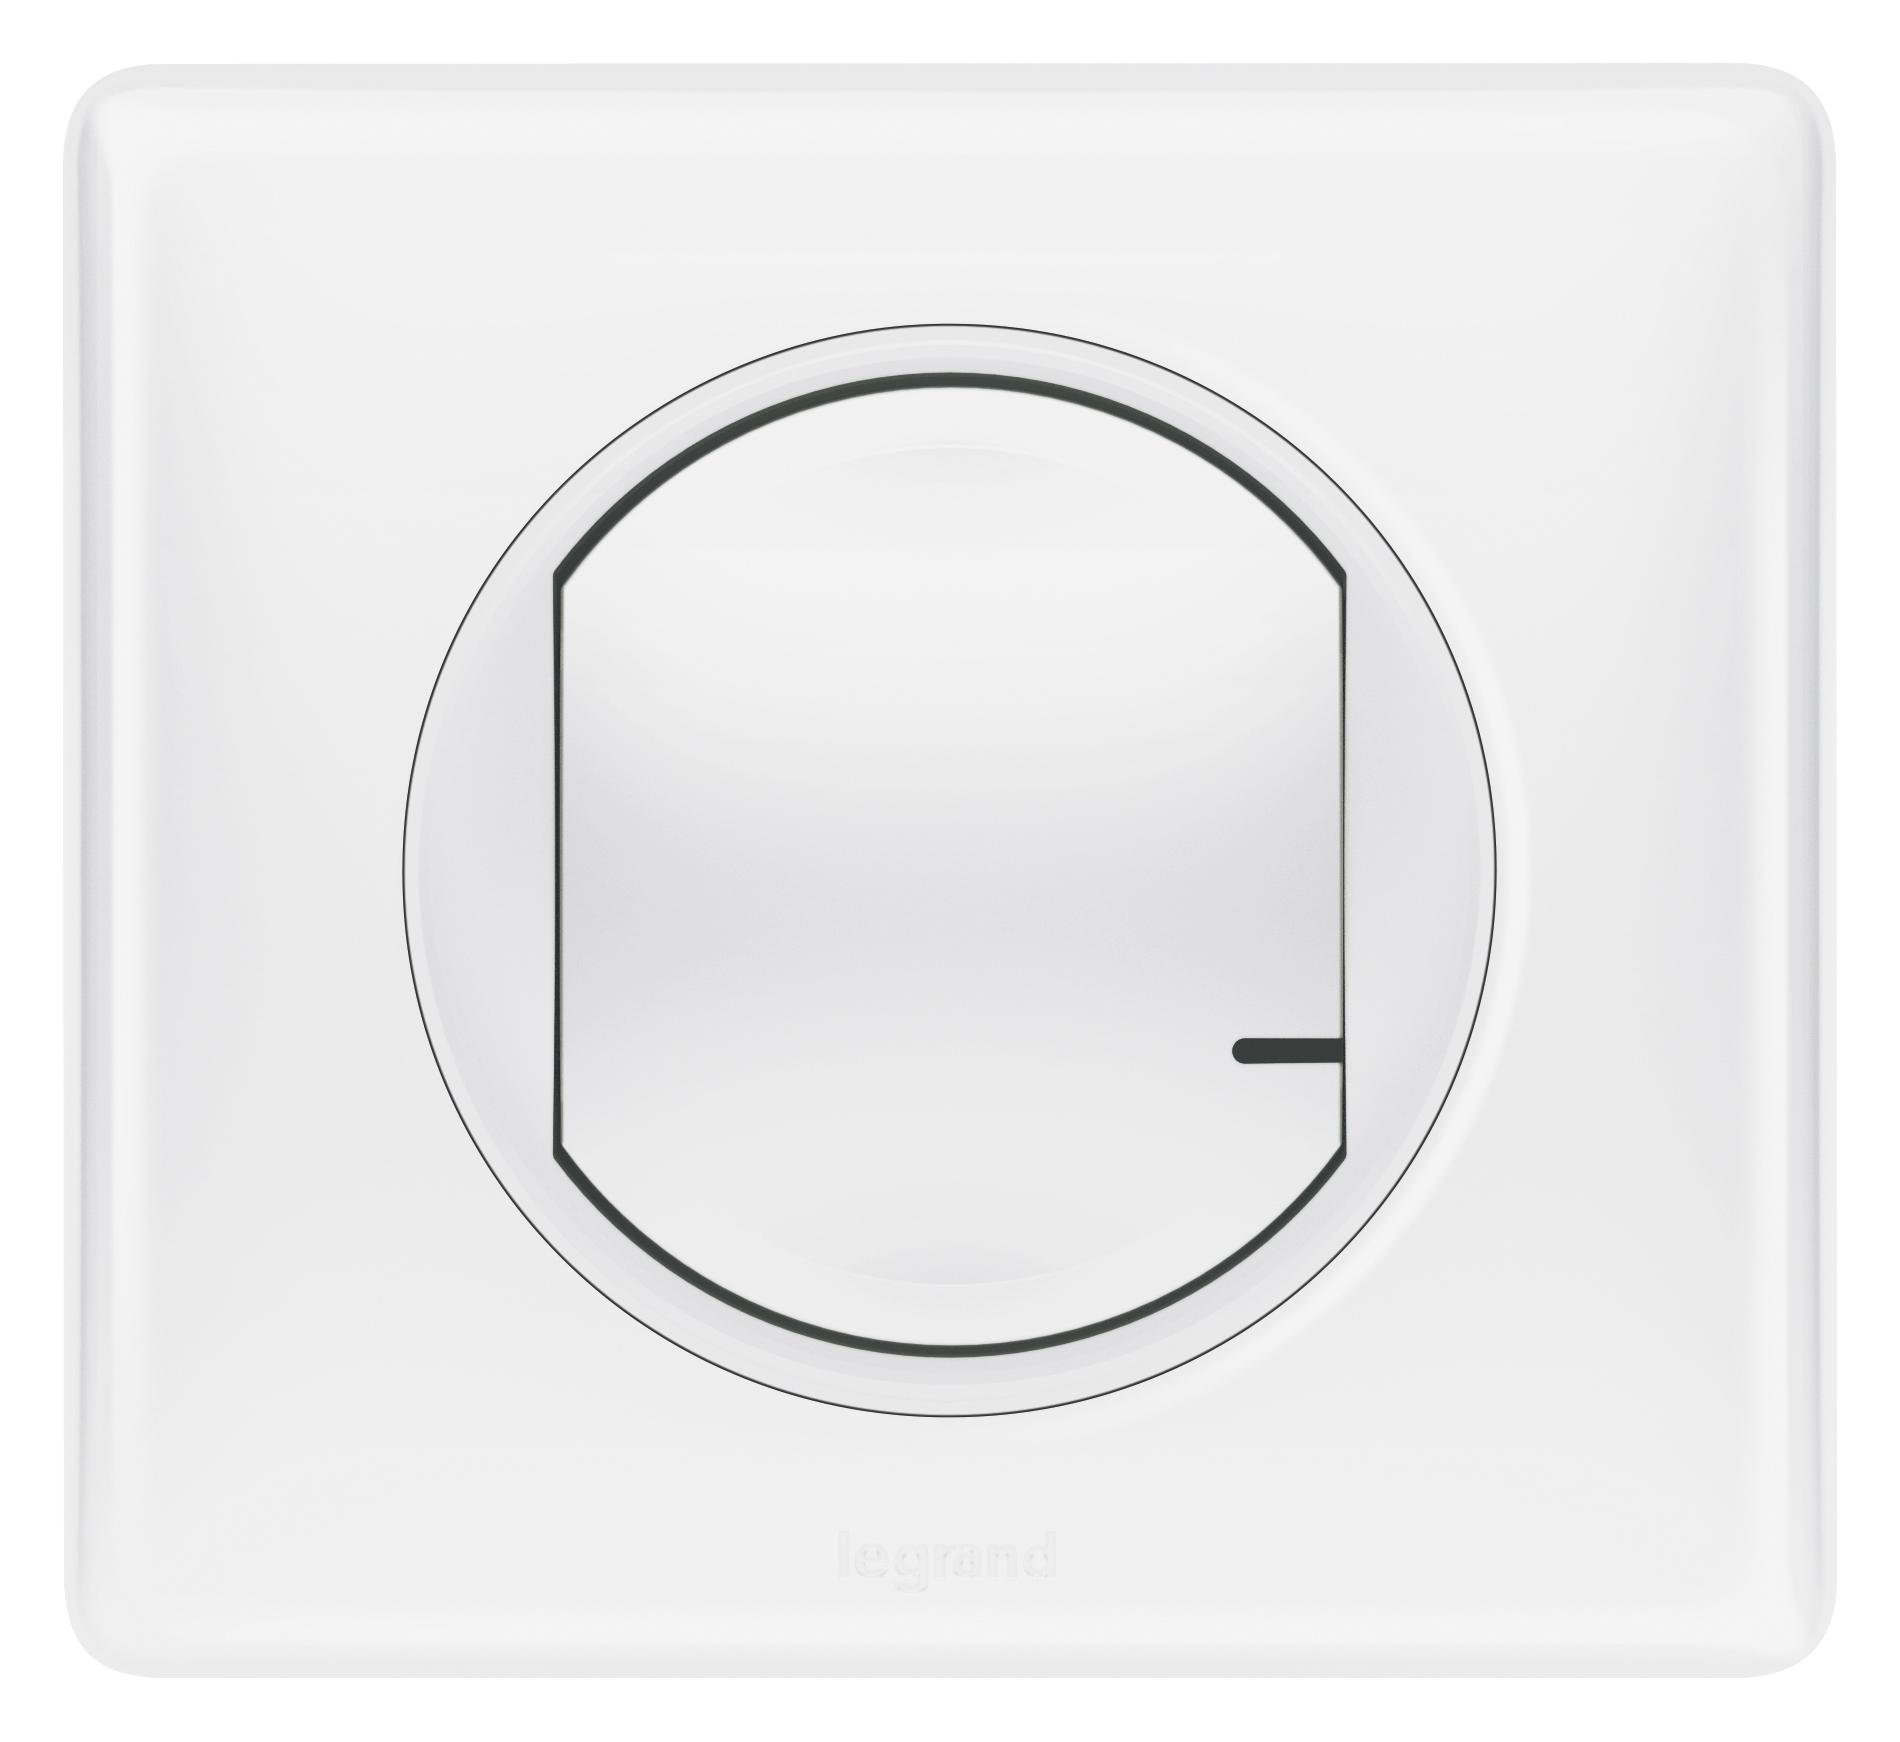 Умный проводной выключатель с опцией светорегулирования 5-300 Вт 230В. Цвет Белый. Рамка Белый глянец. Legrand Celiane with NETATMO 067721